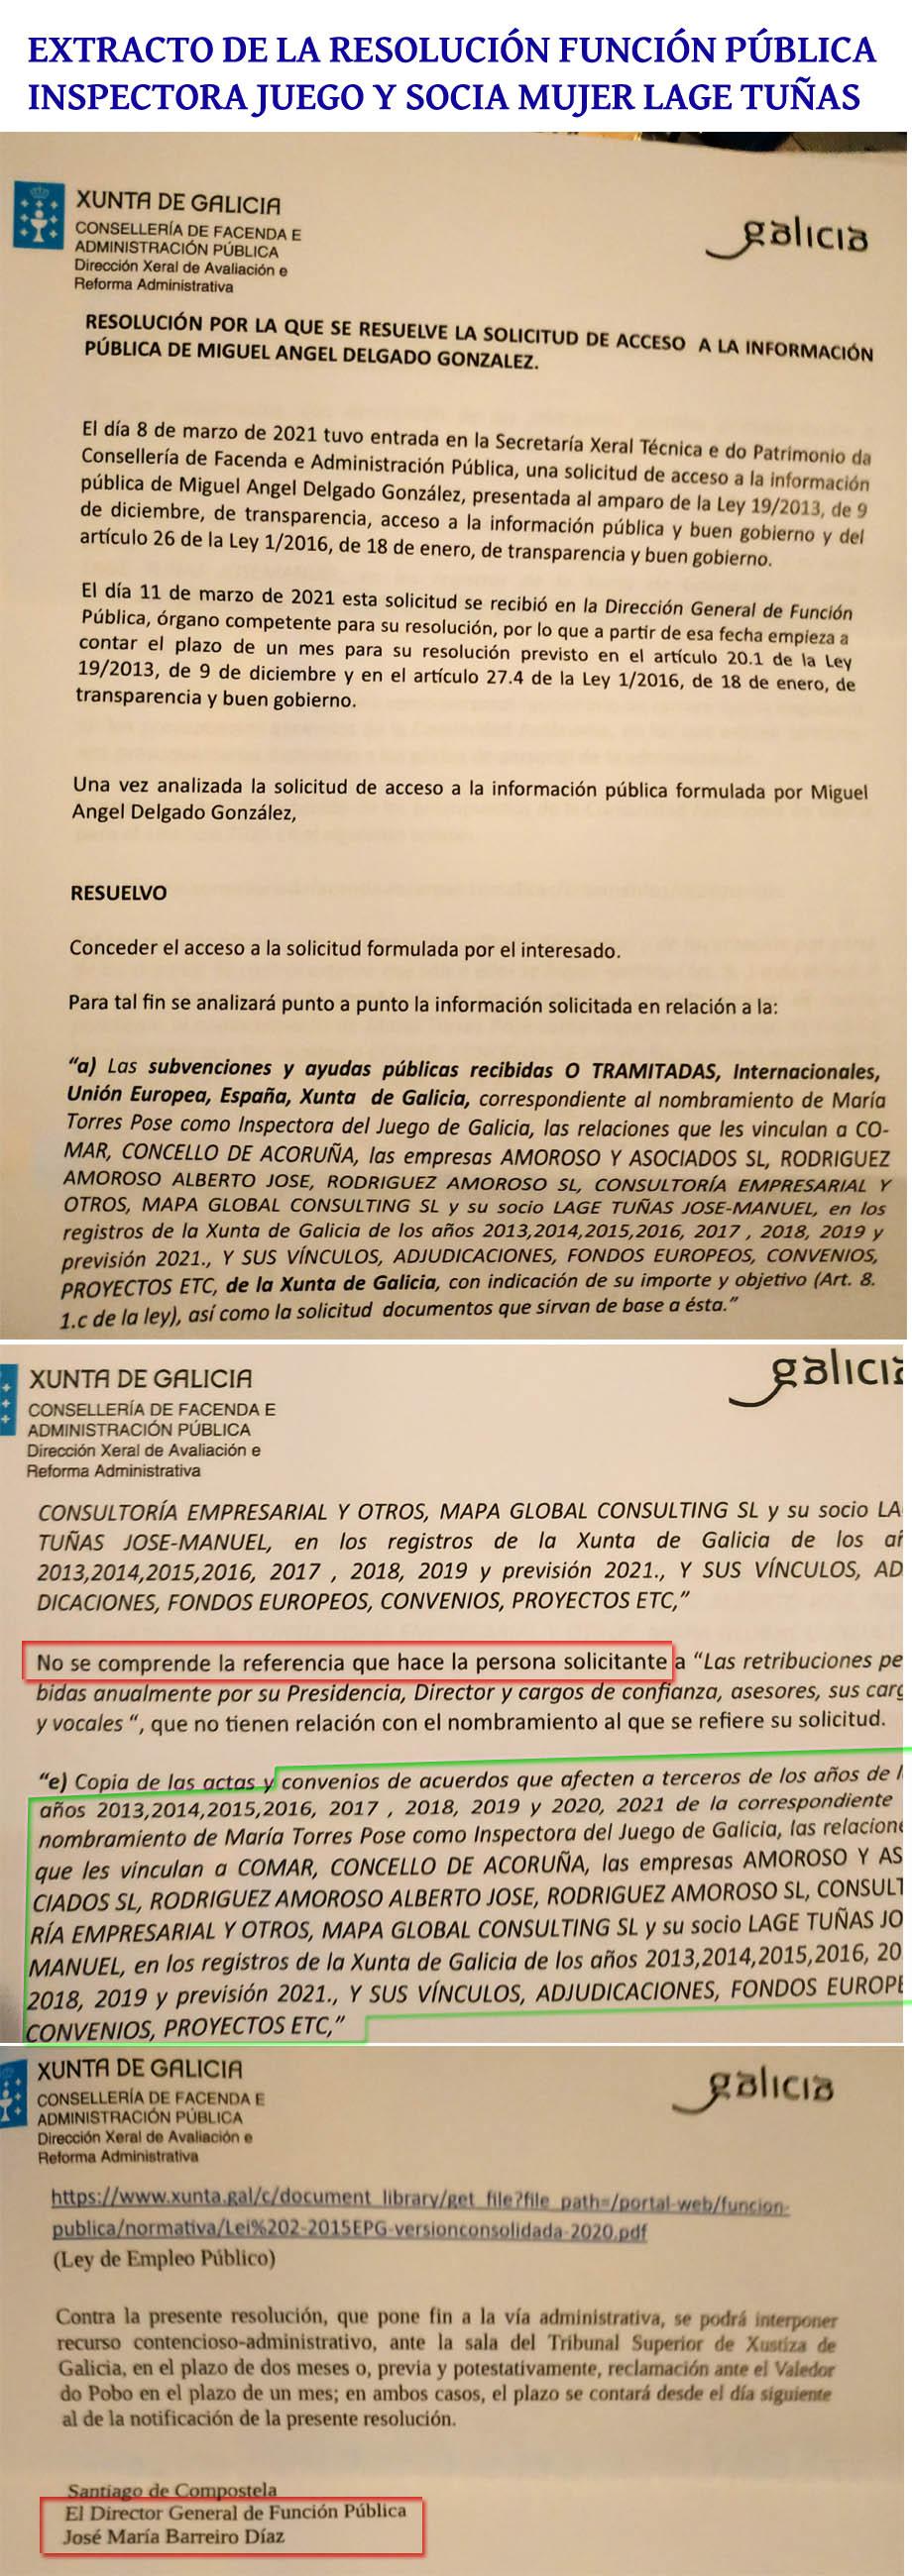 EXTRACTO RESOLUCION INSPECTORA JUEGO Y SOCIA MUJER LAGETUNAS